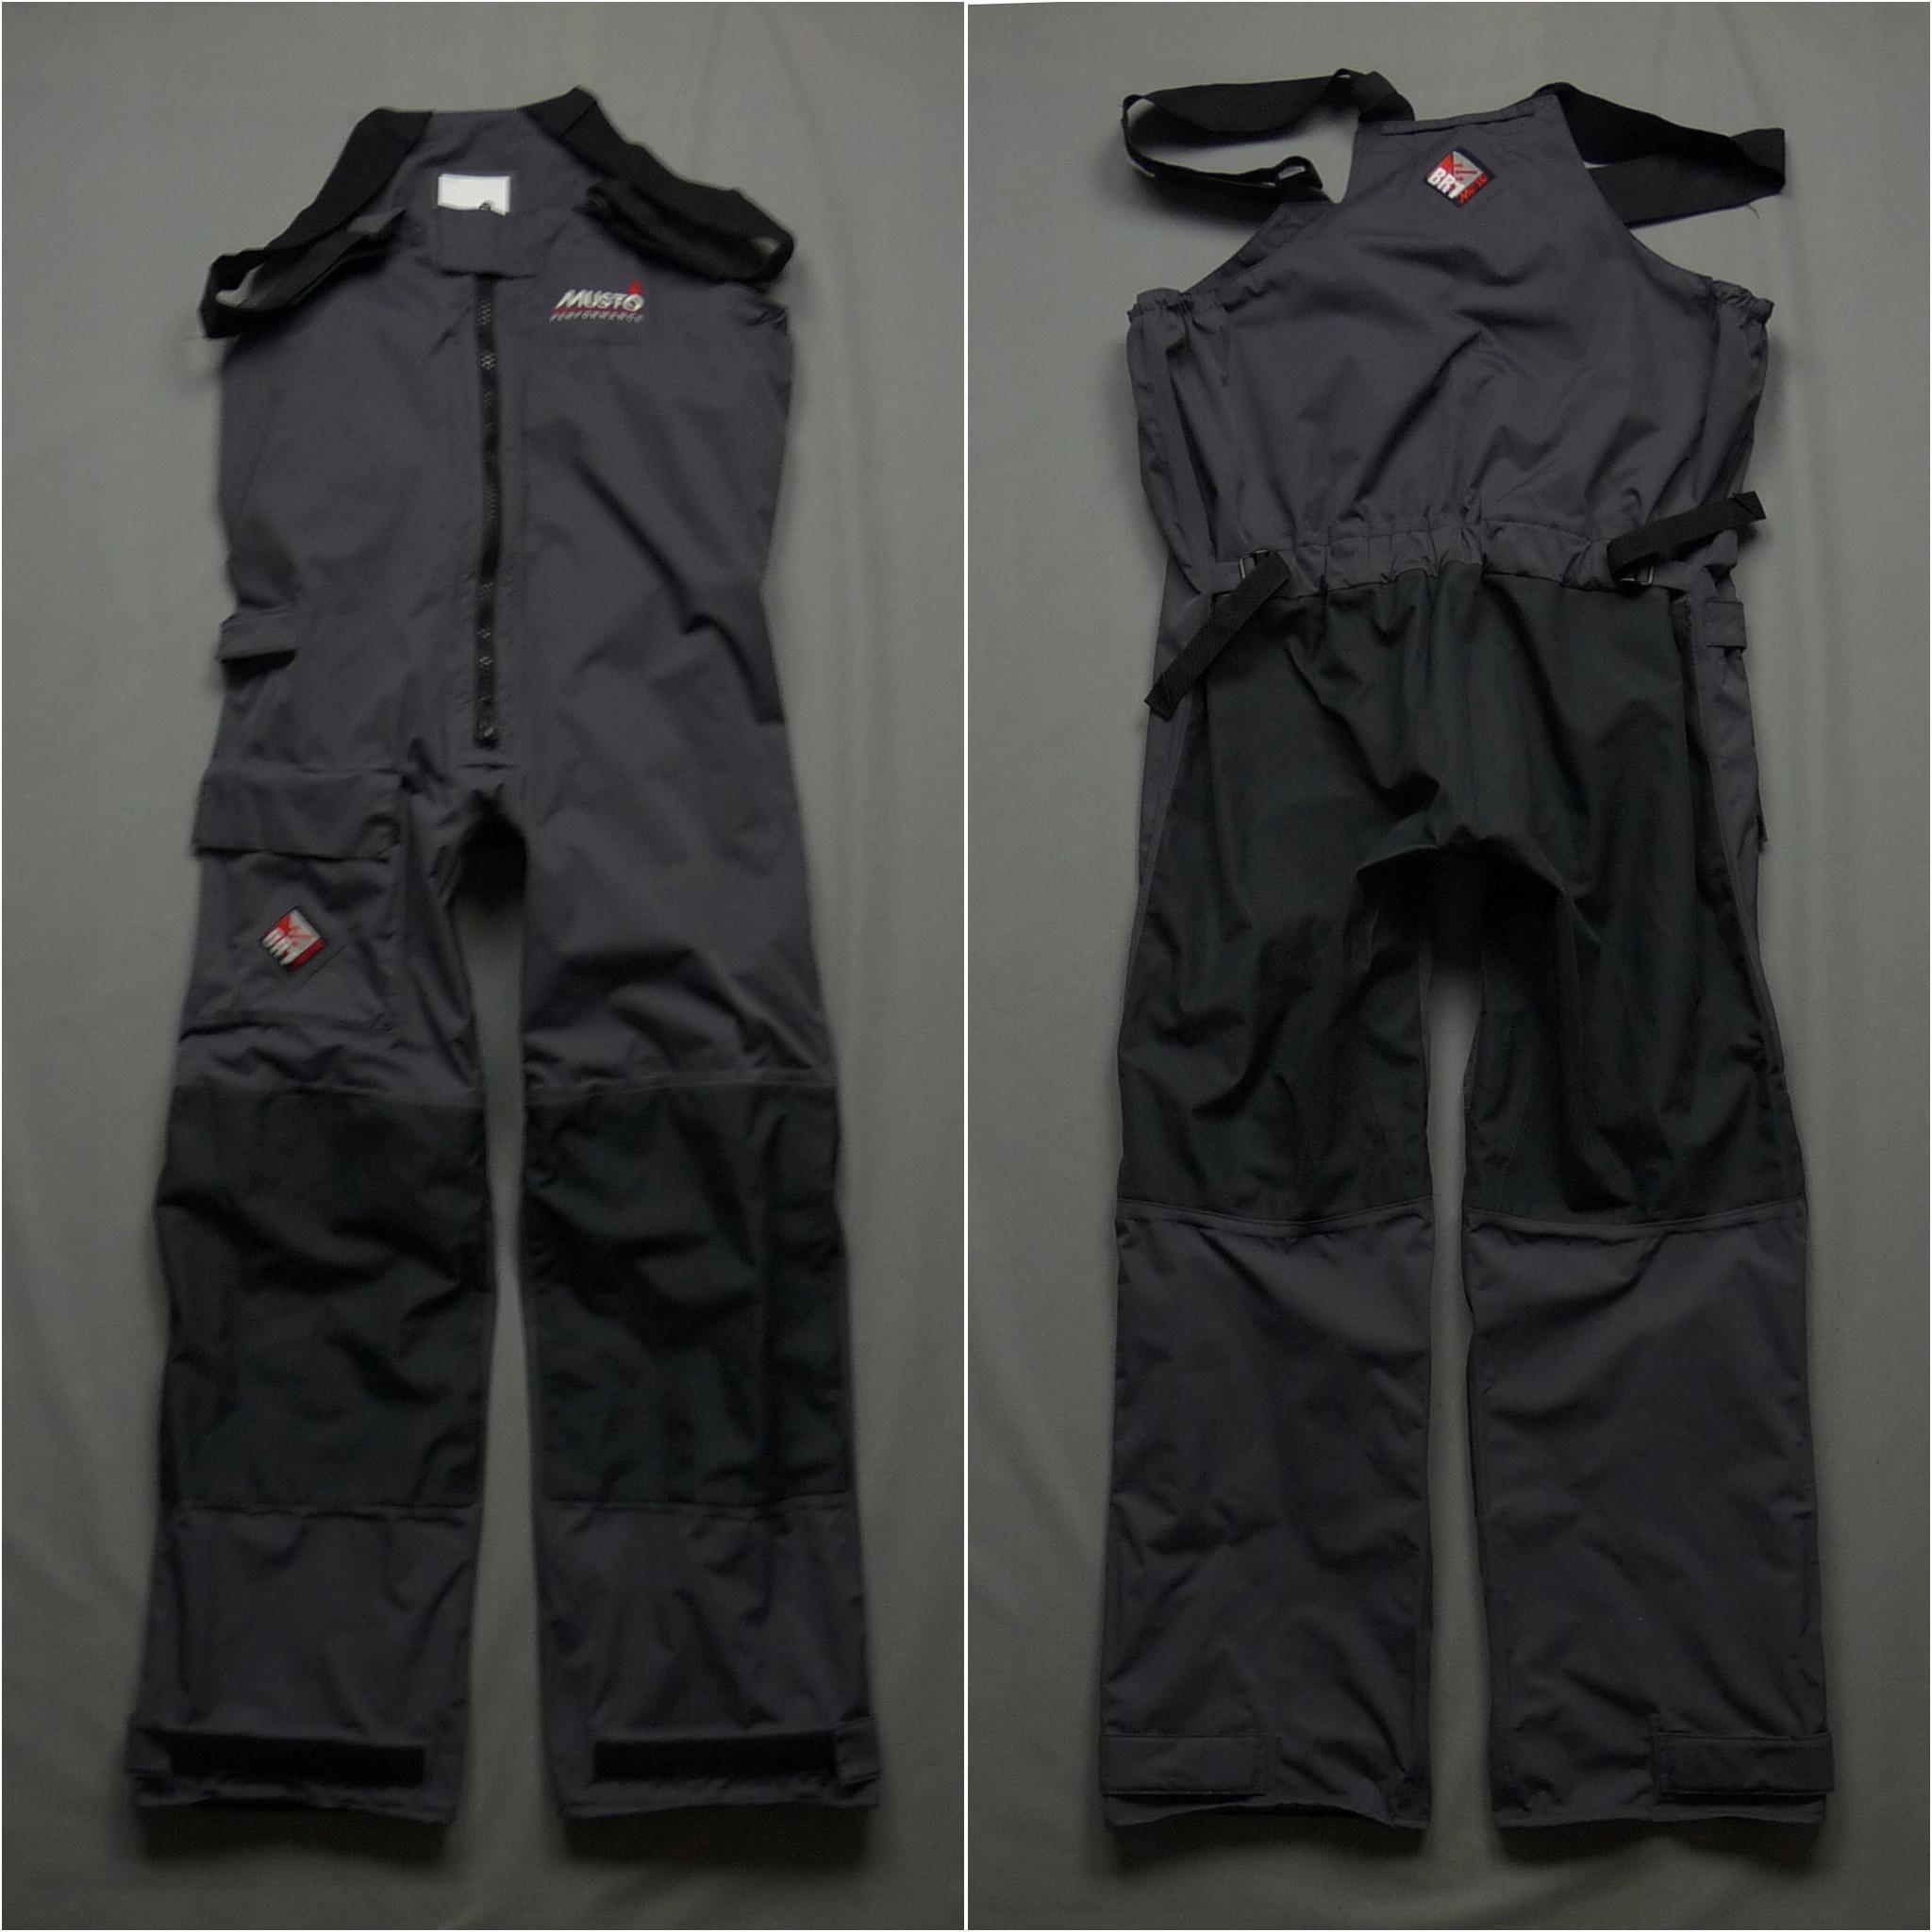 MUSTO BR1 męskie spodnie żeglarkie sztormiaki XL